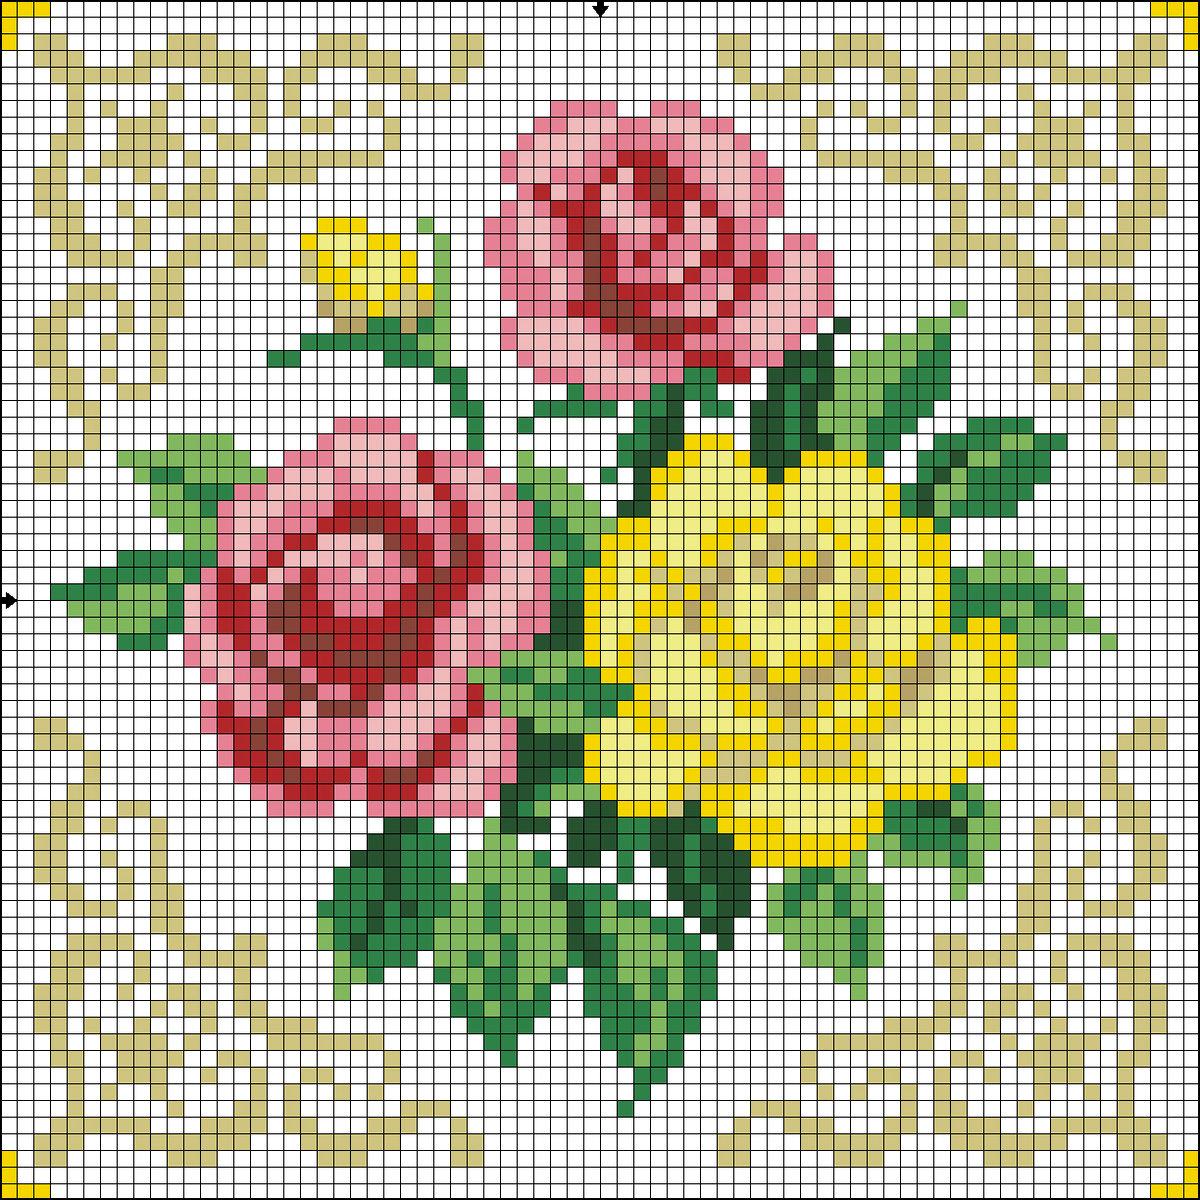 Вышивка крестом схемы картинки цветы, доброго